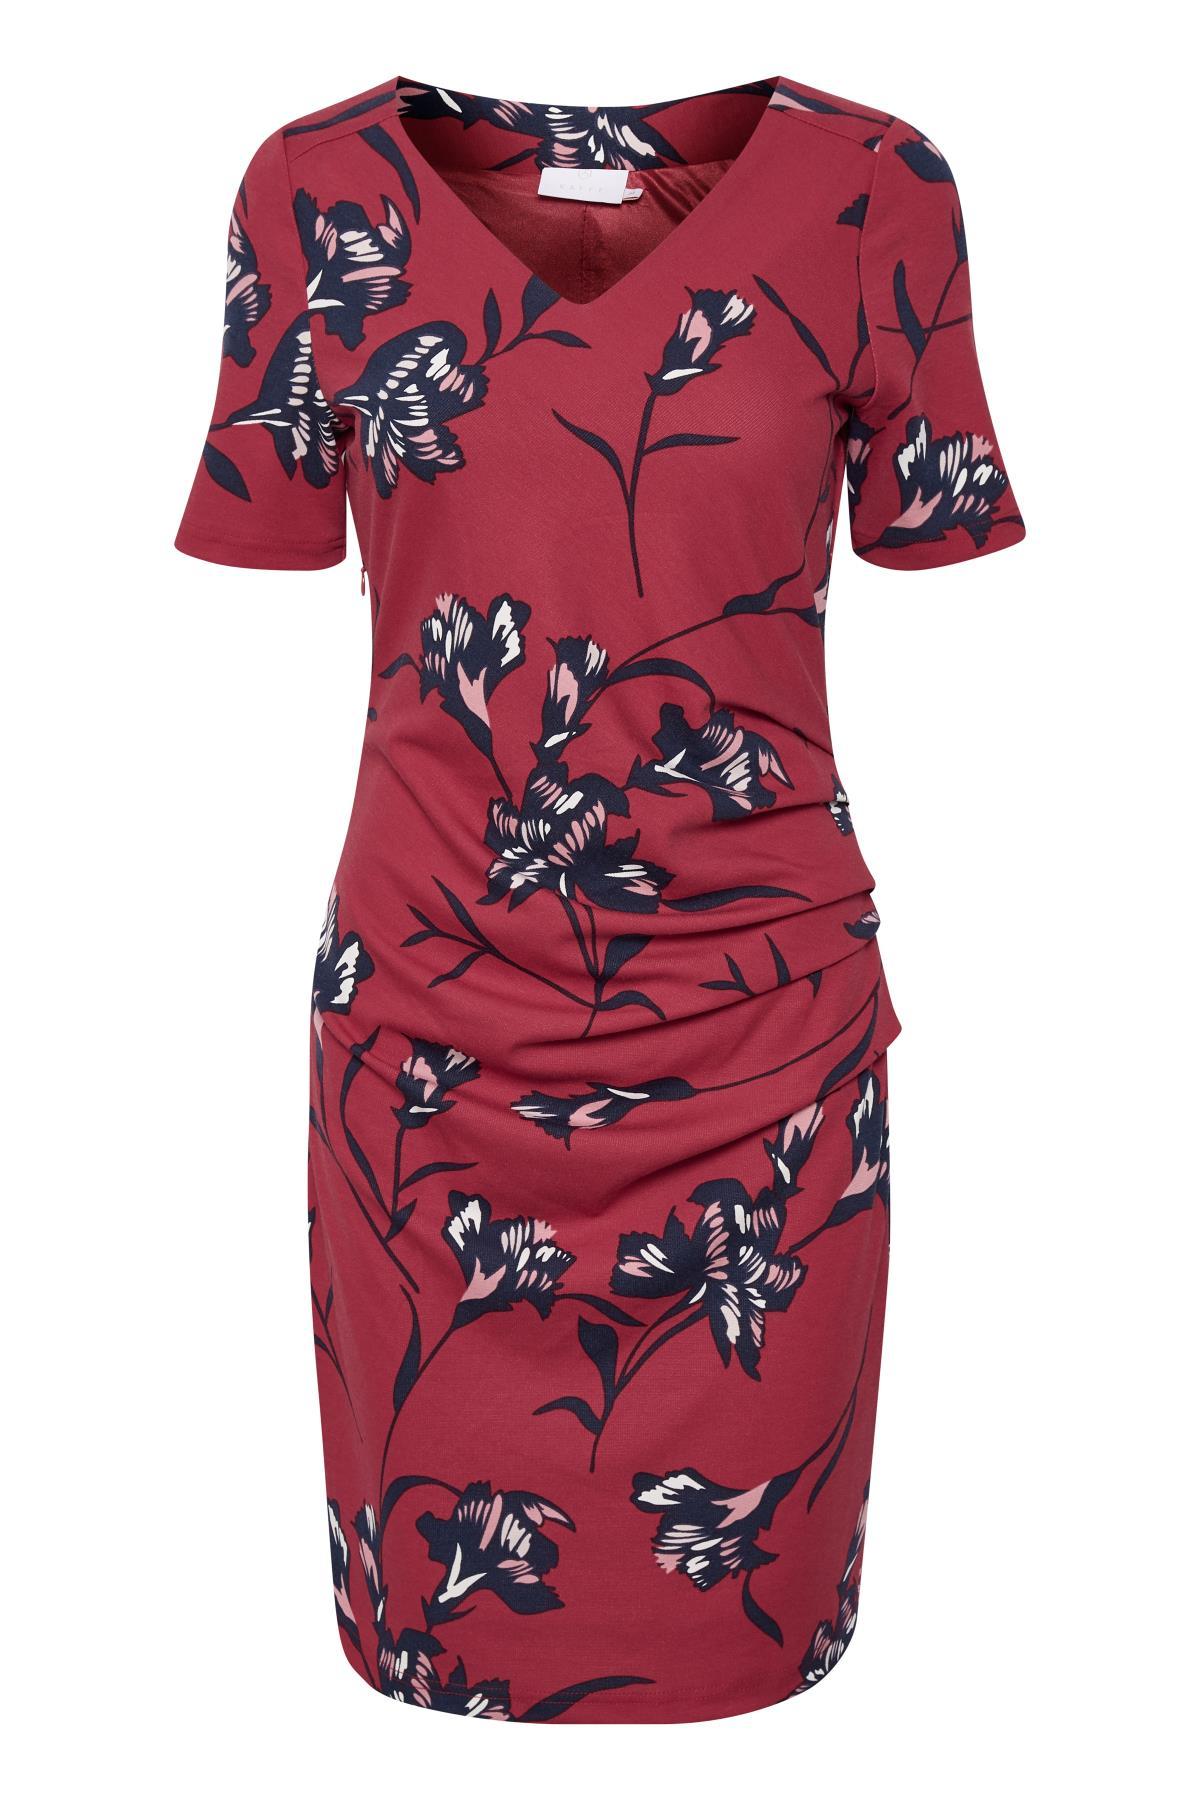 Röd/marinblå Strickad klänning från Kaffe – Köp Röd/marinblå Strickad klänning från stl. XS-XXL här